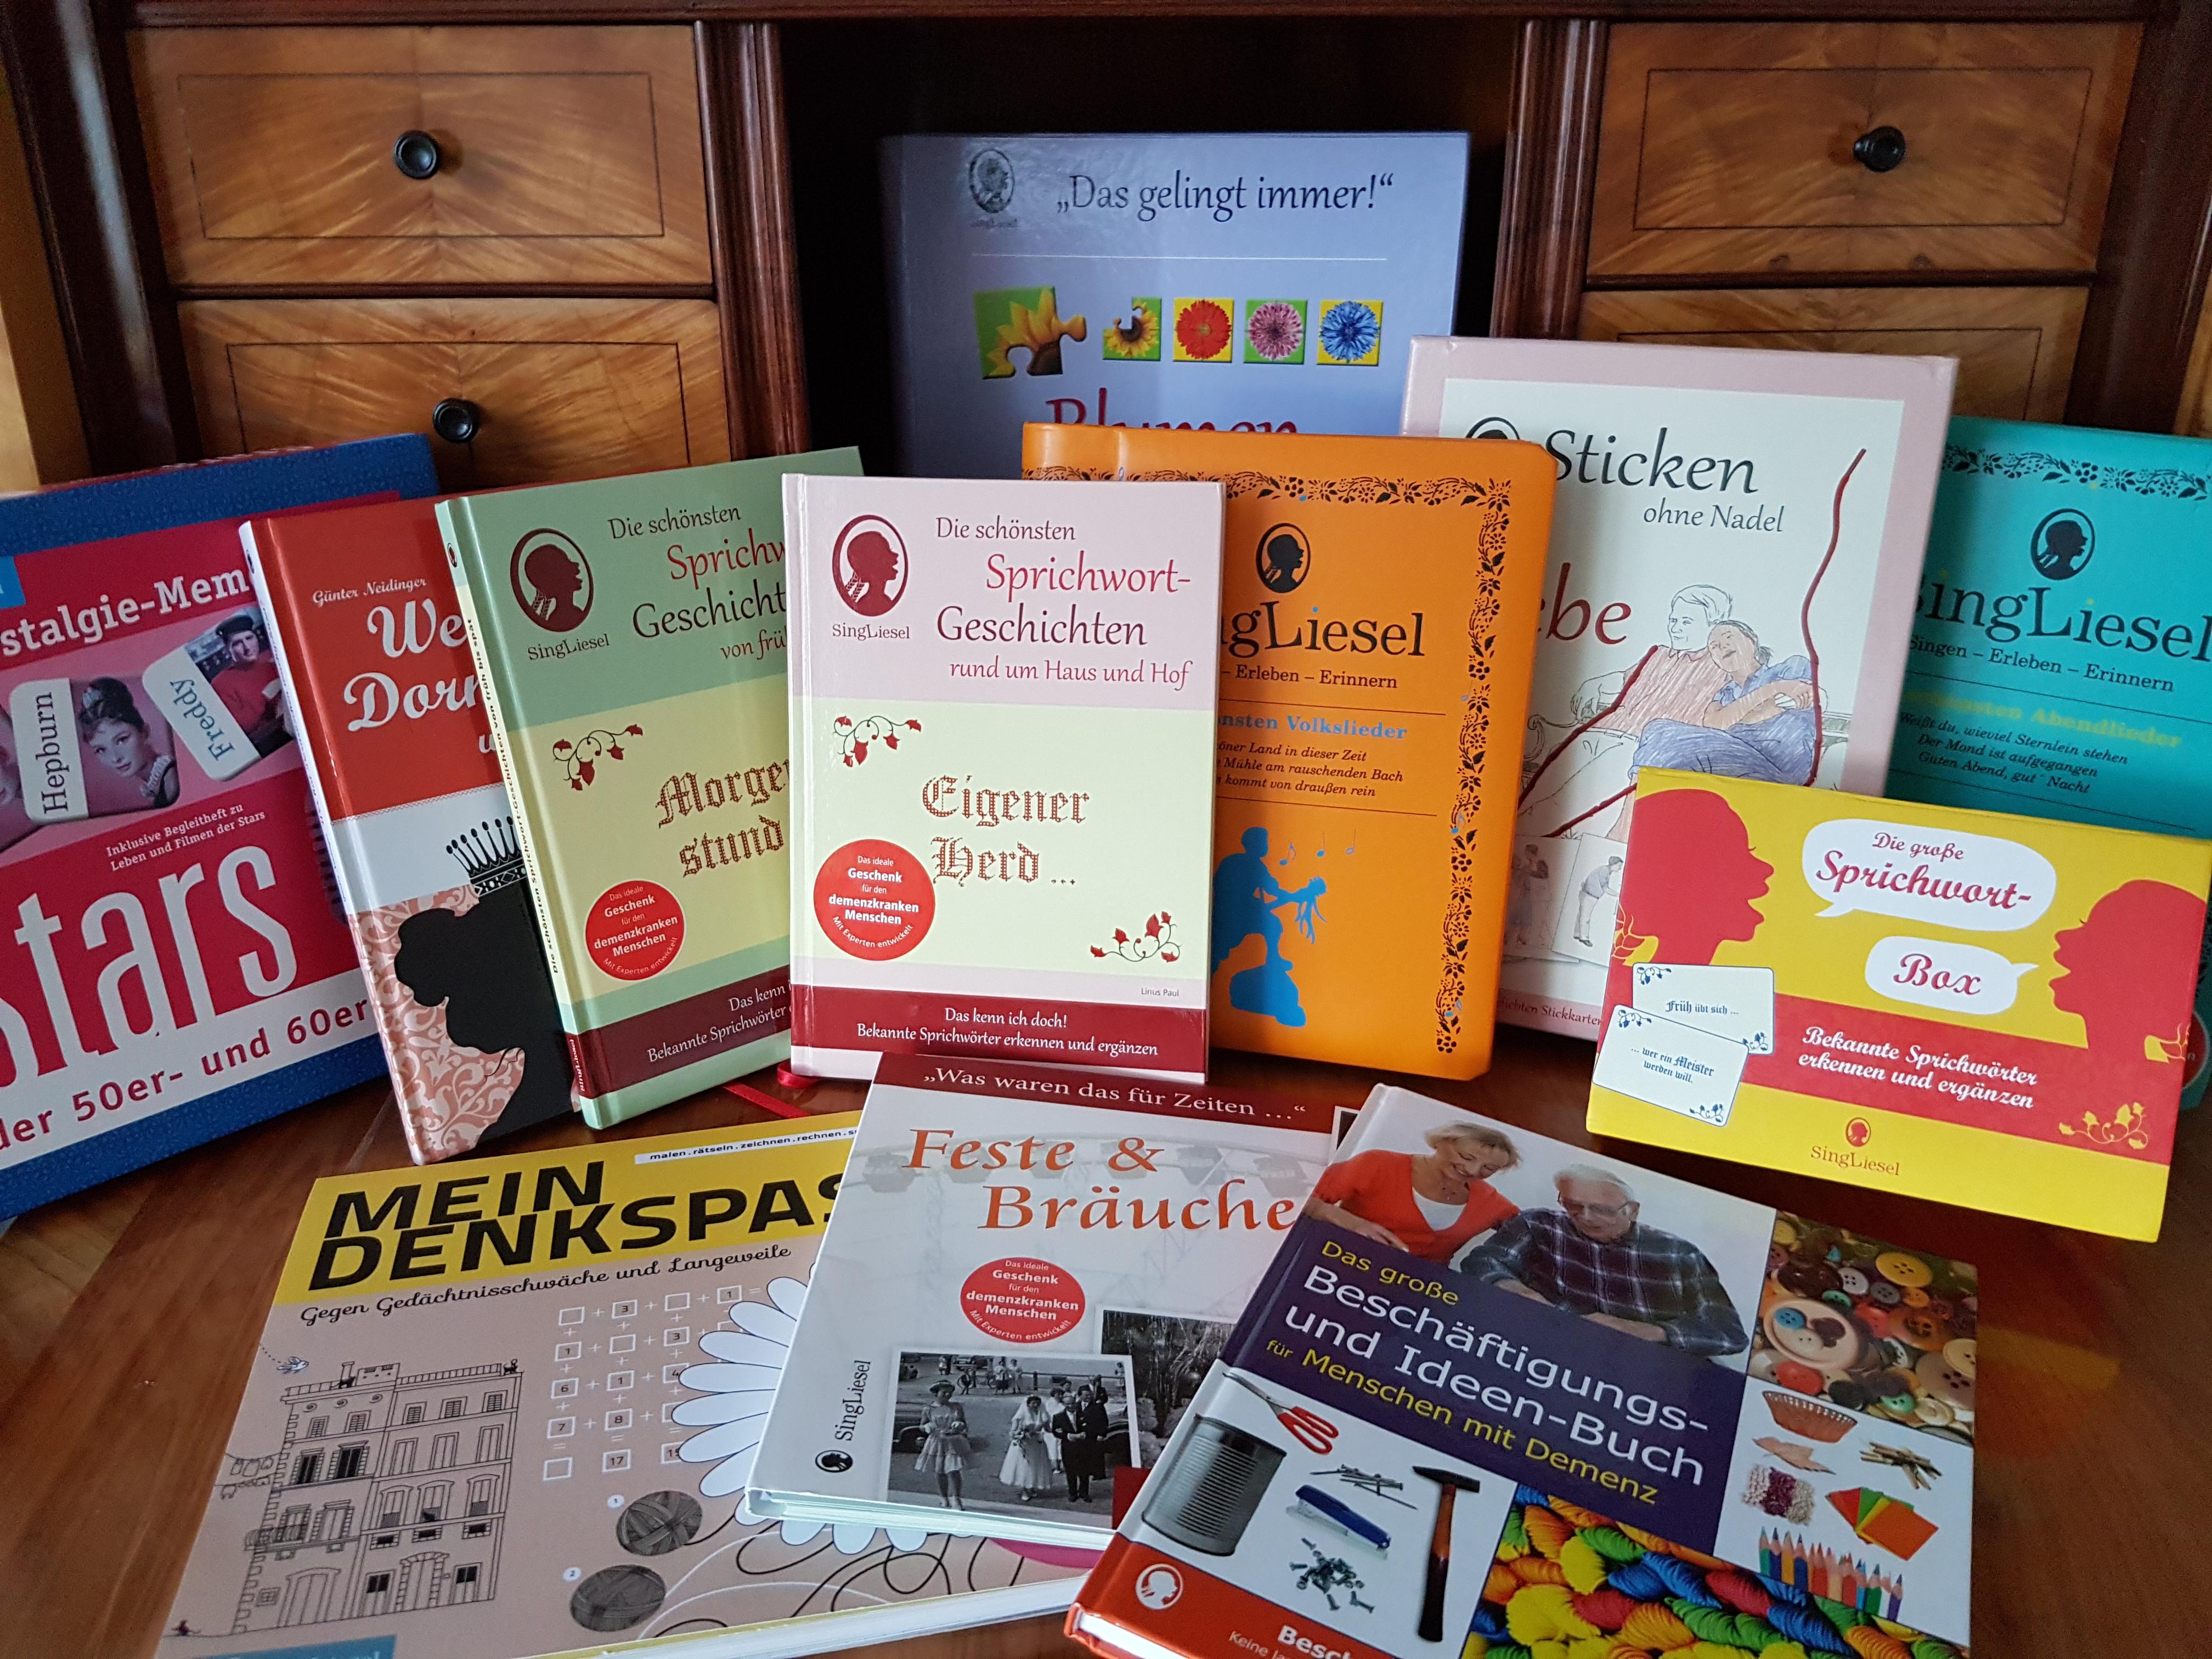 Demenz - Produkte, Fortbildungen & Informationen | Demenz Shop ...